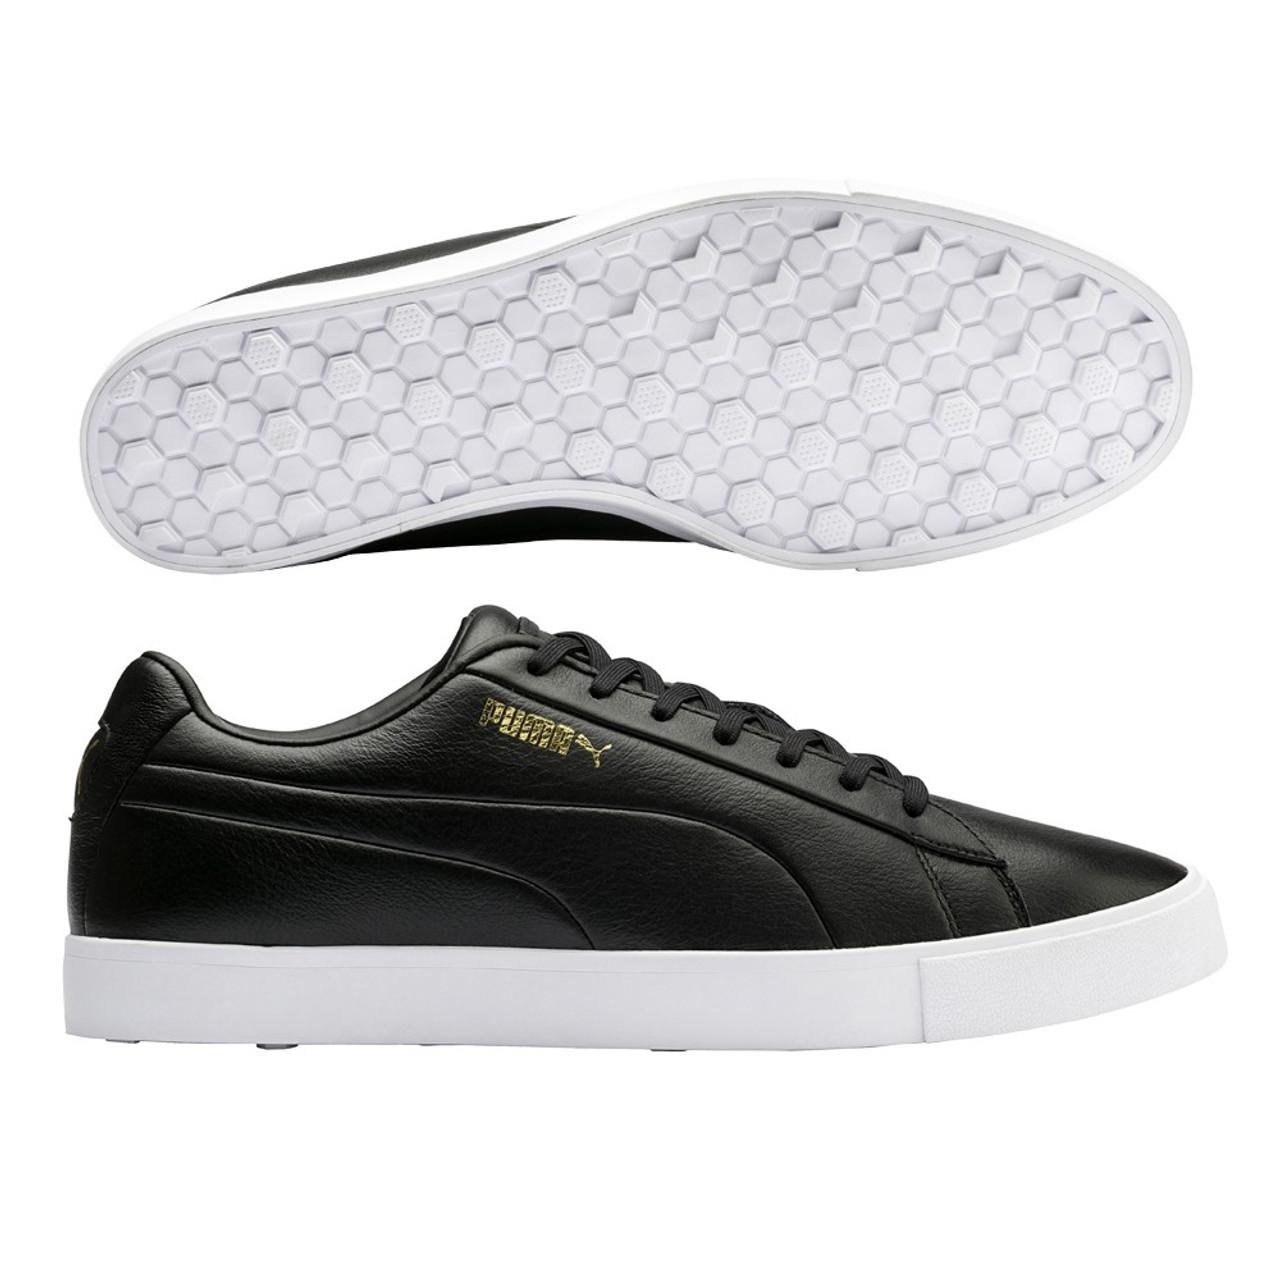 Puma Original G Golf Shoes - Black